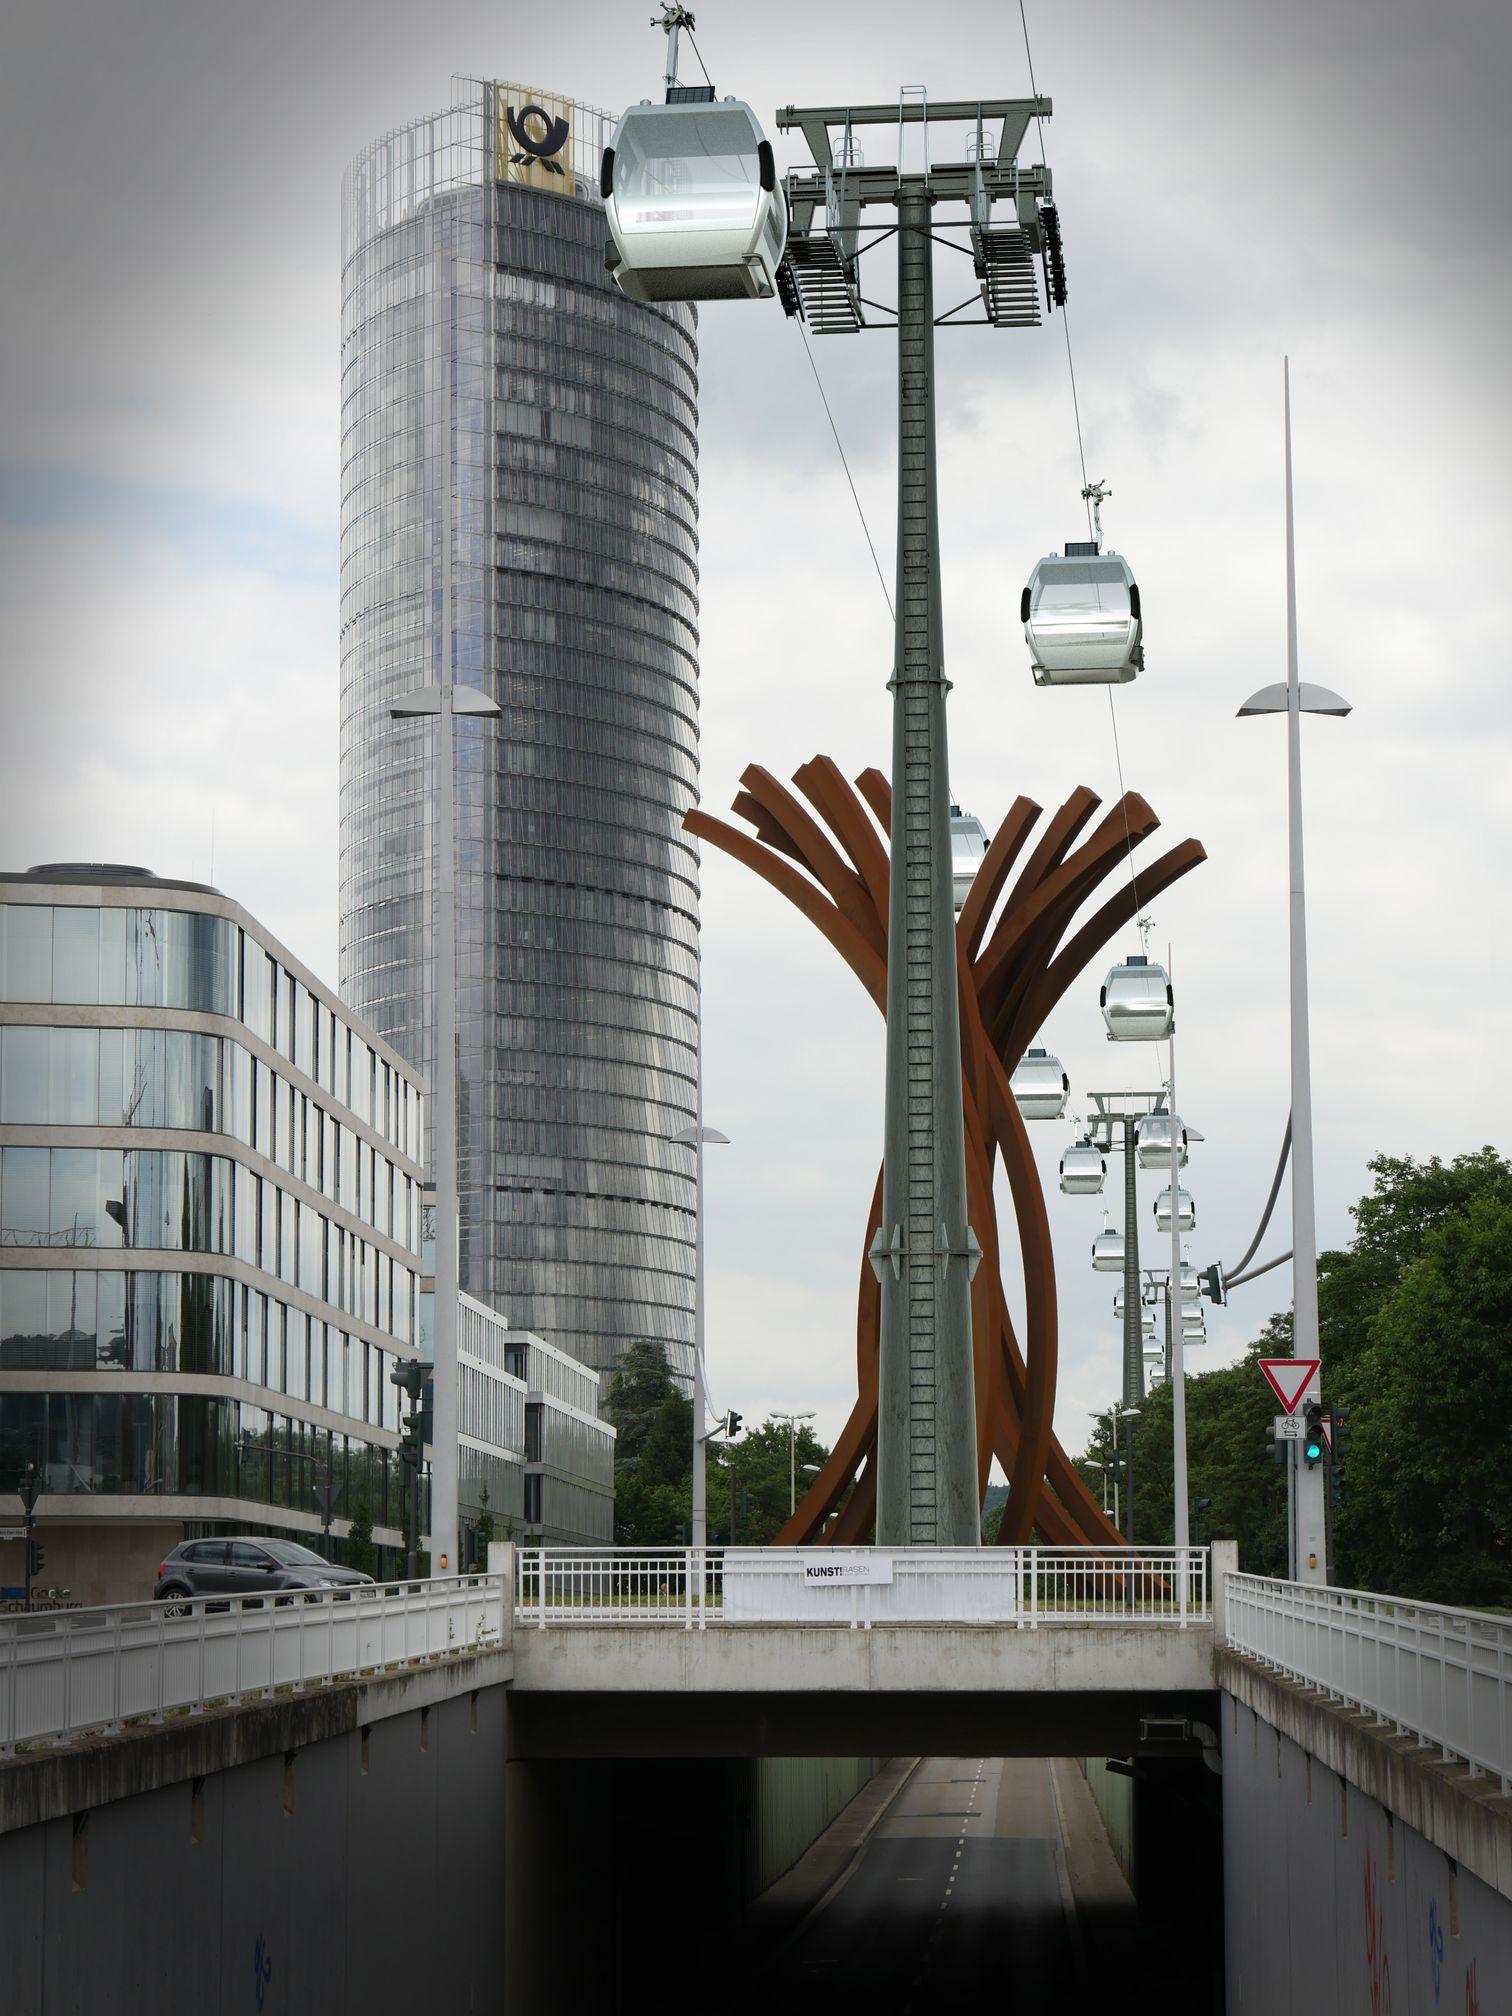 Stütze auf der Verkehrsinsel Adenauerallee. Das Kunstwerk wird zerstört.